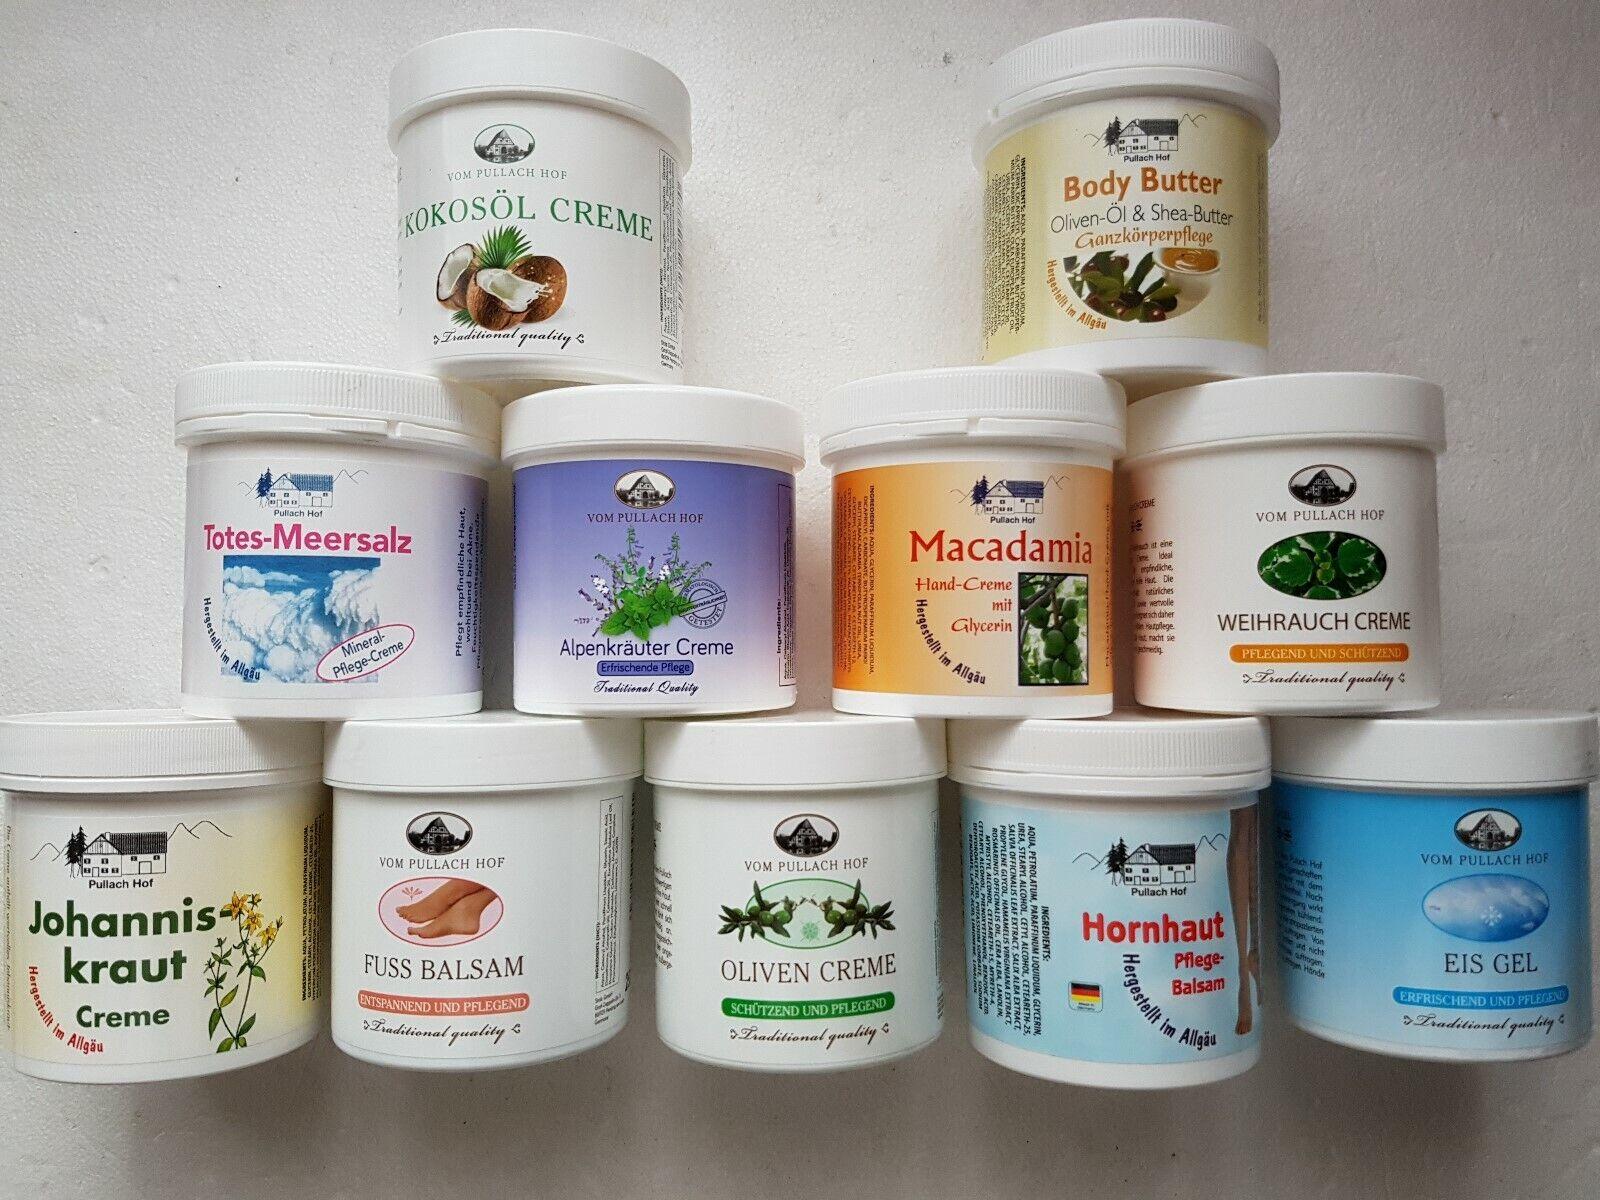 Haut Creme/Gel/Balsam 250ml/500m Vom Pullach Hof 35 verschiedene Sorten  Auswahl